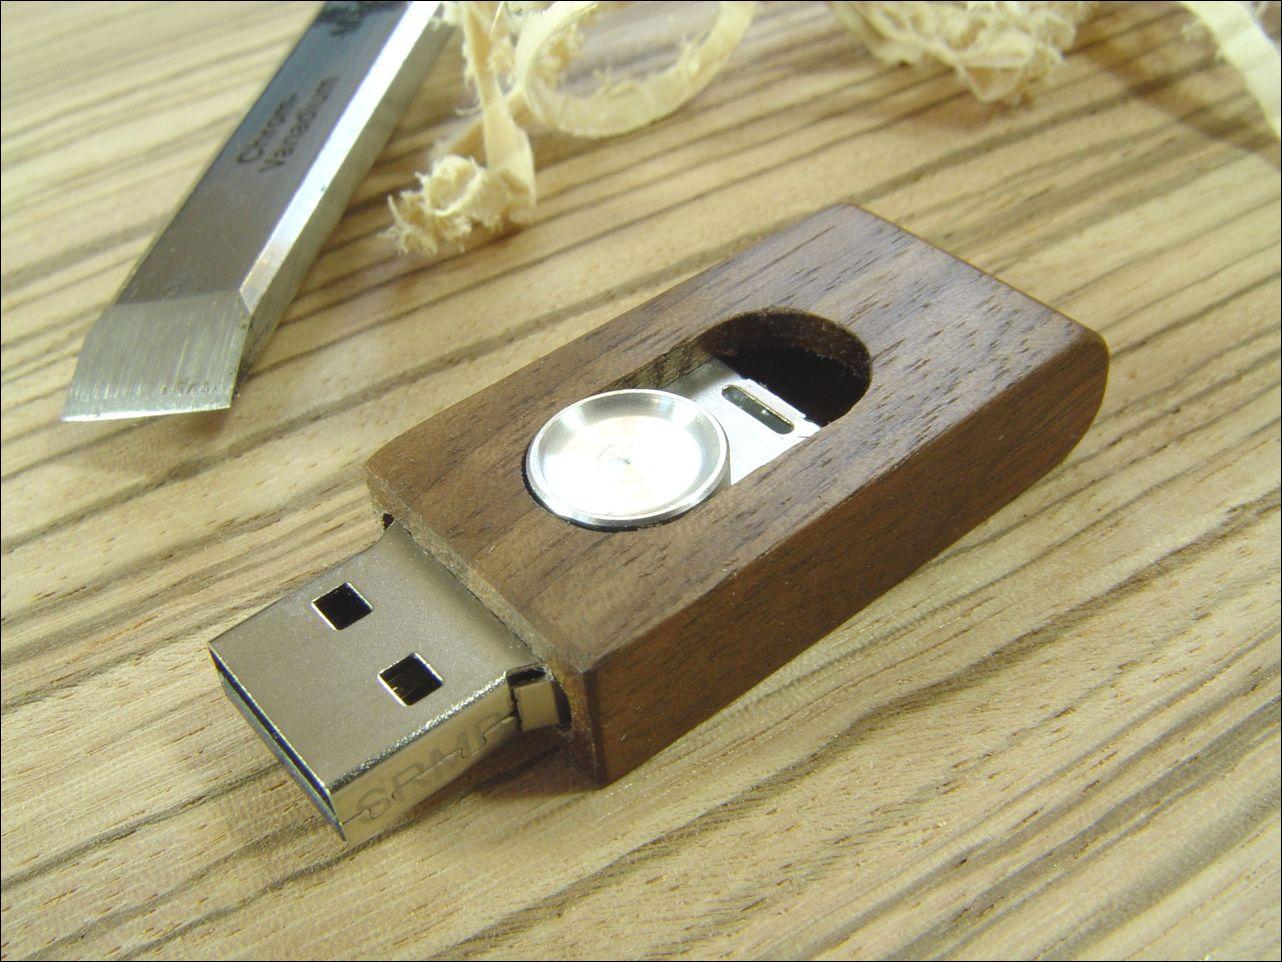 Hochwertige Handarbeit: So entsteht ein USB-Stick aus Holz